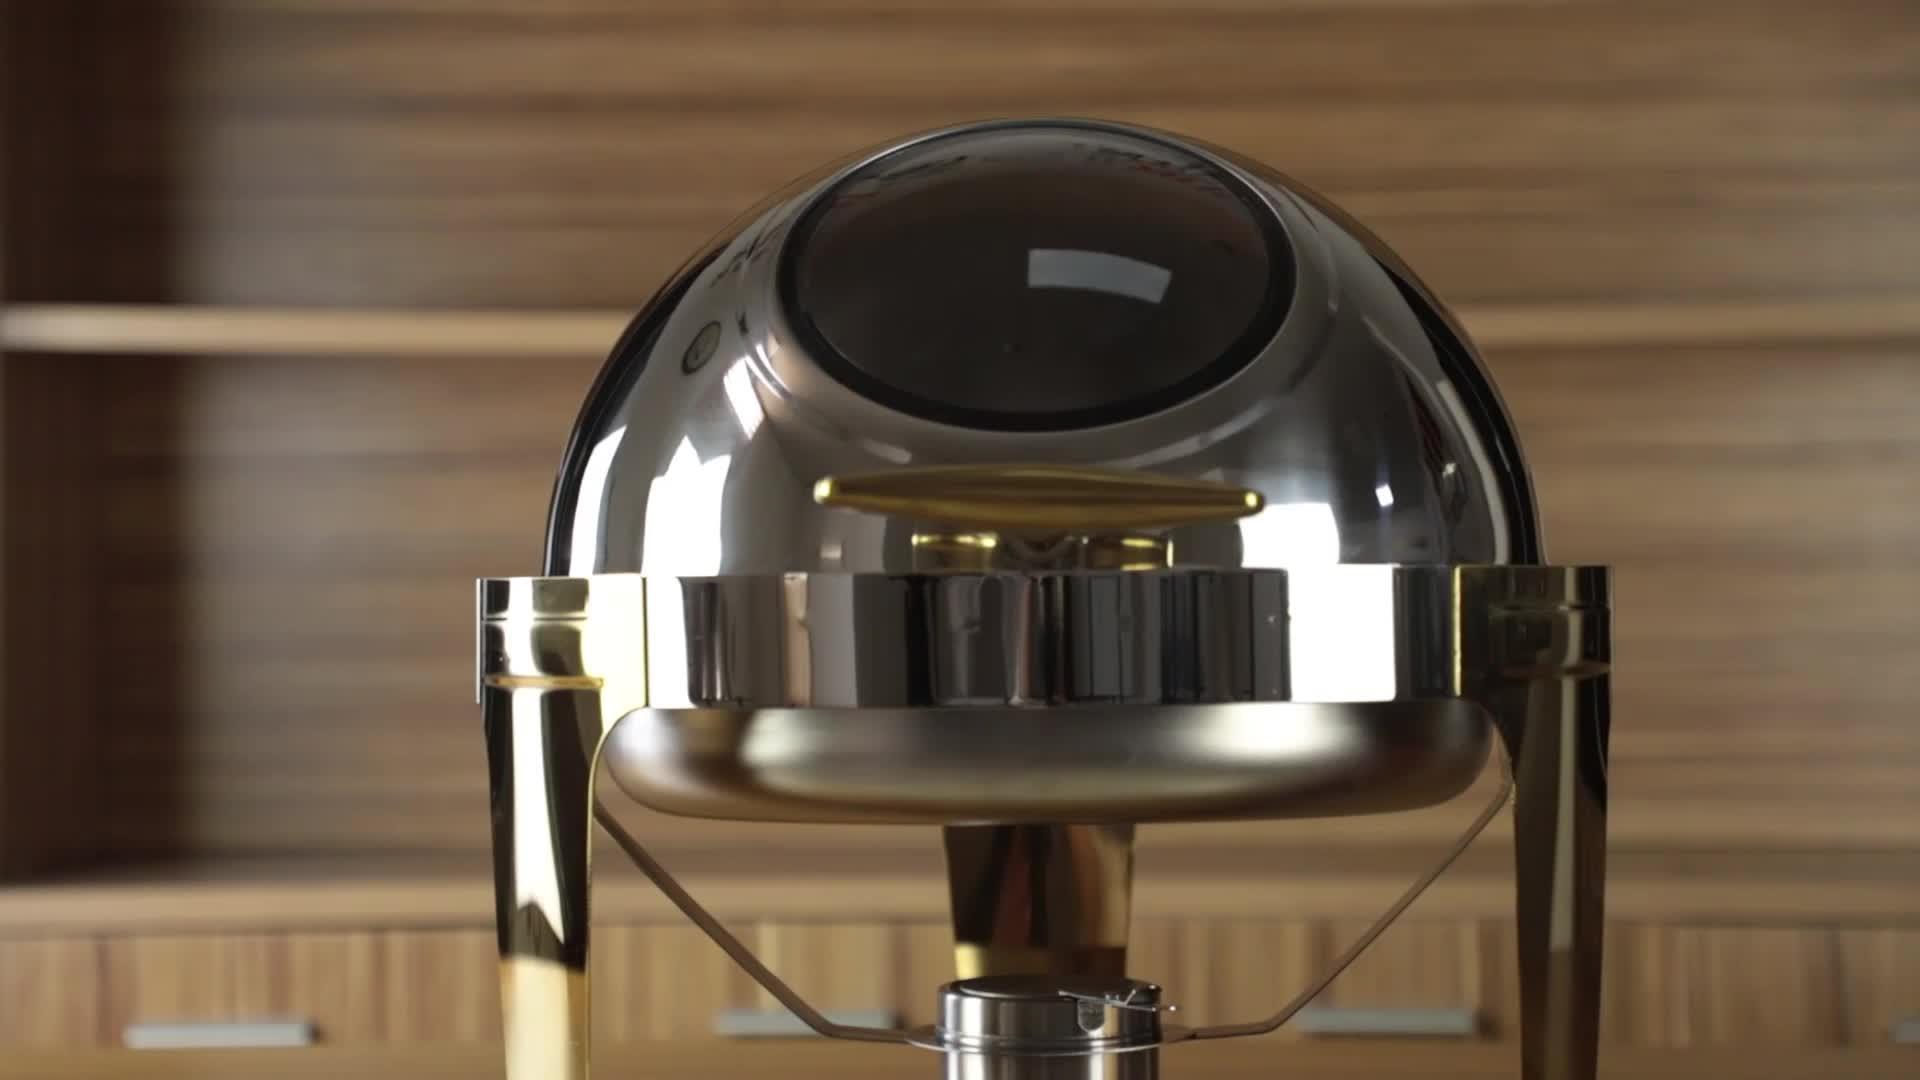 스테인리스 뷔페 음식 온열 장치 취사를 위한 둥근 눈에 보이는 창 덮개 전시 장비 죽네 요리